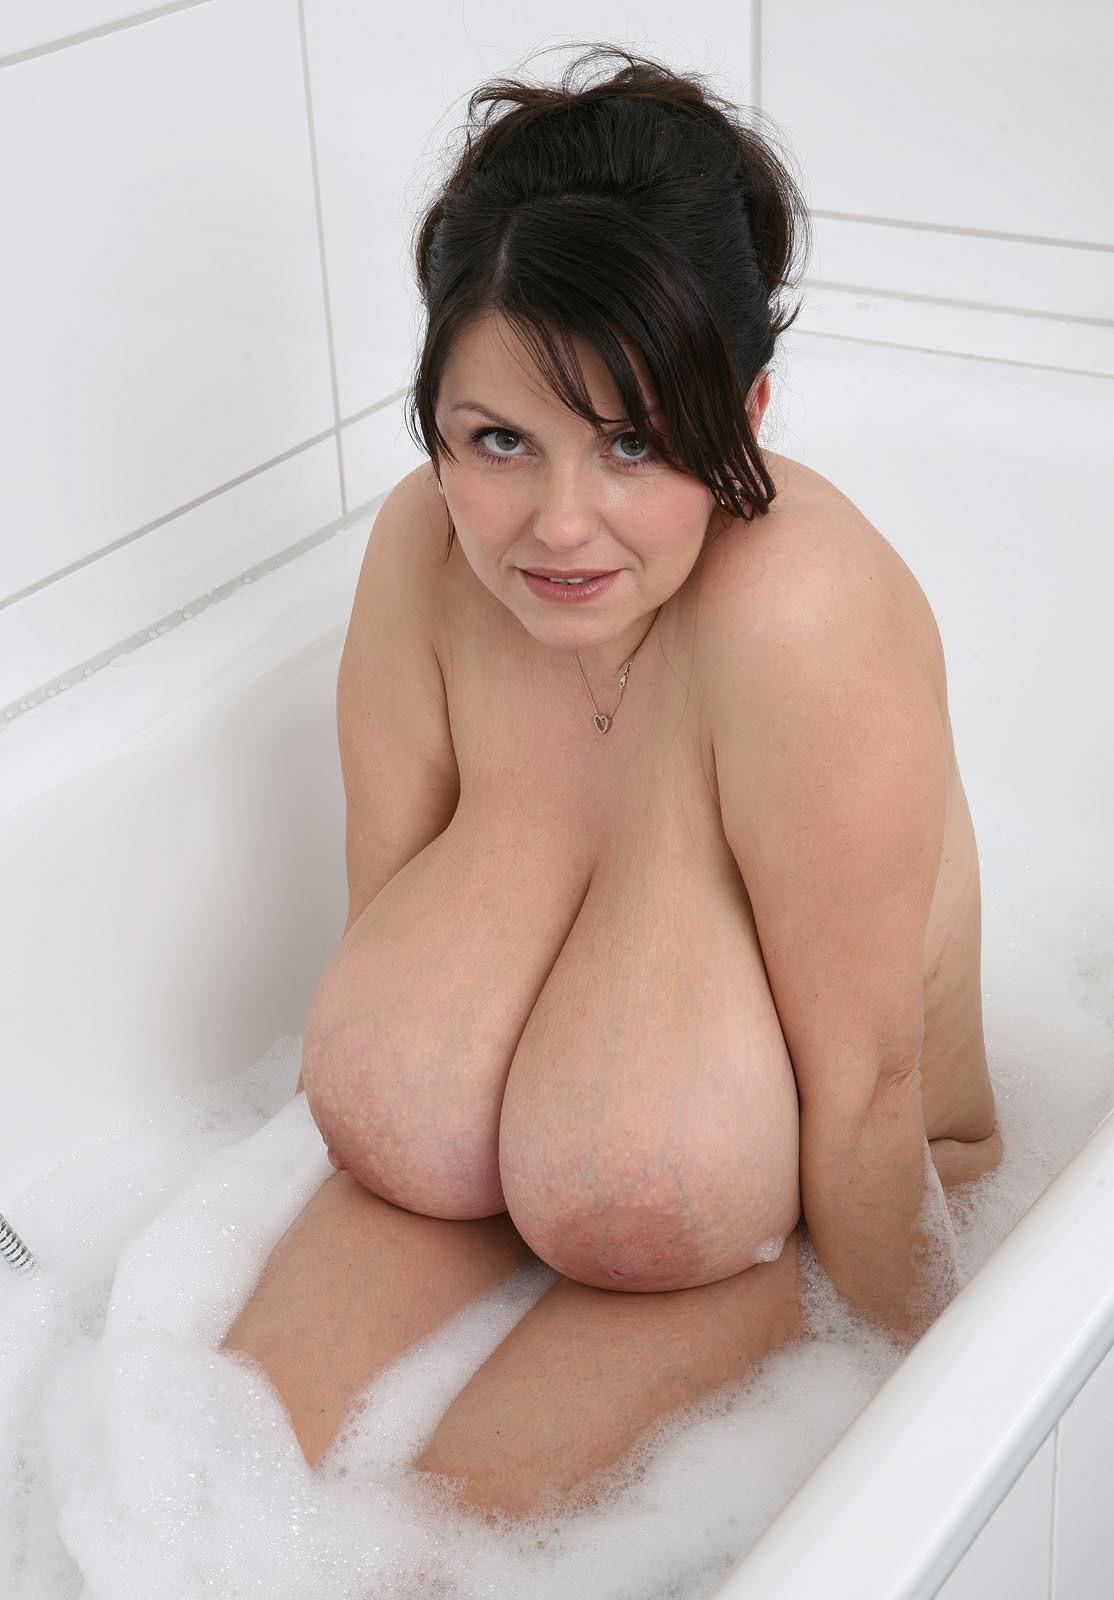 Грудастая женщина в пенной ванной